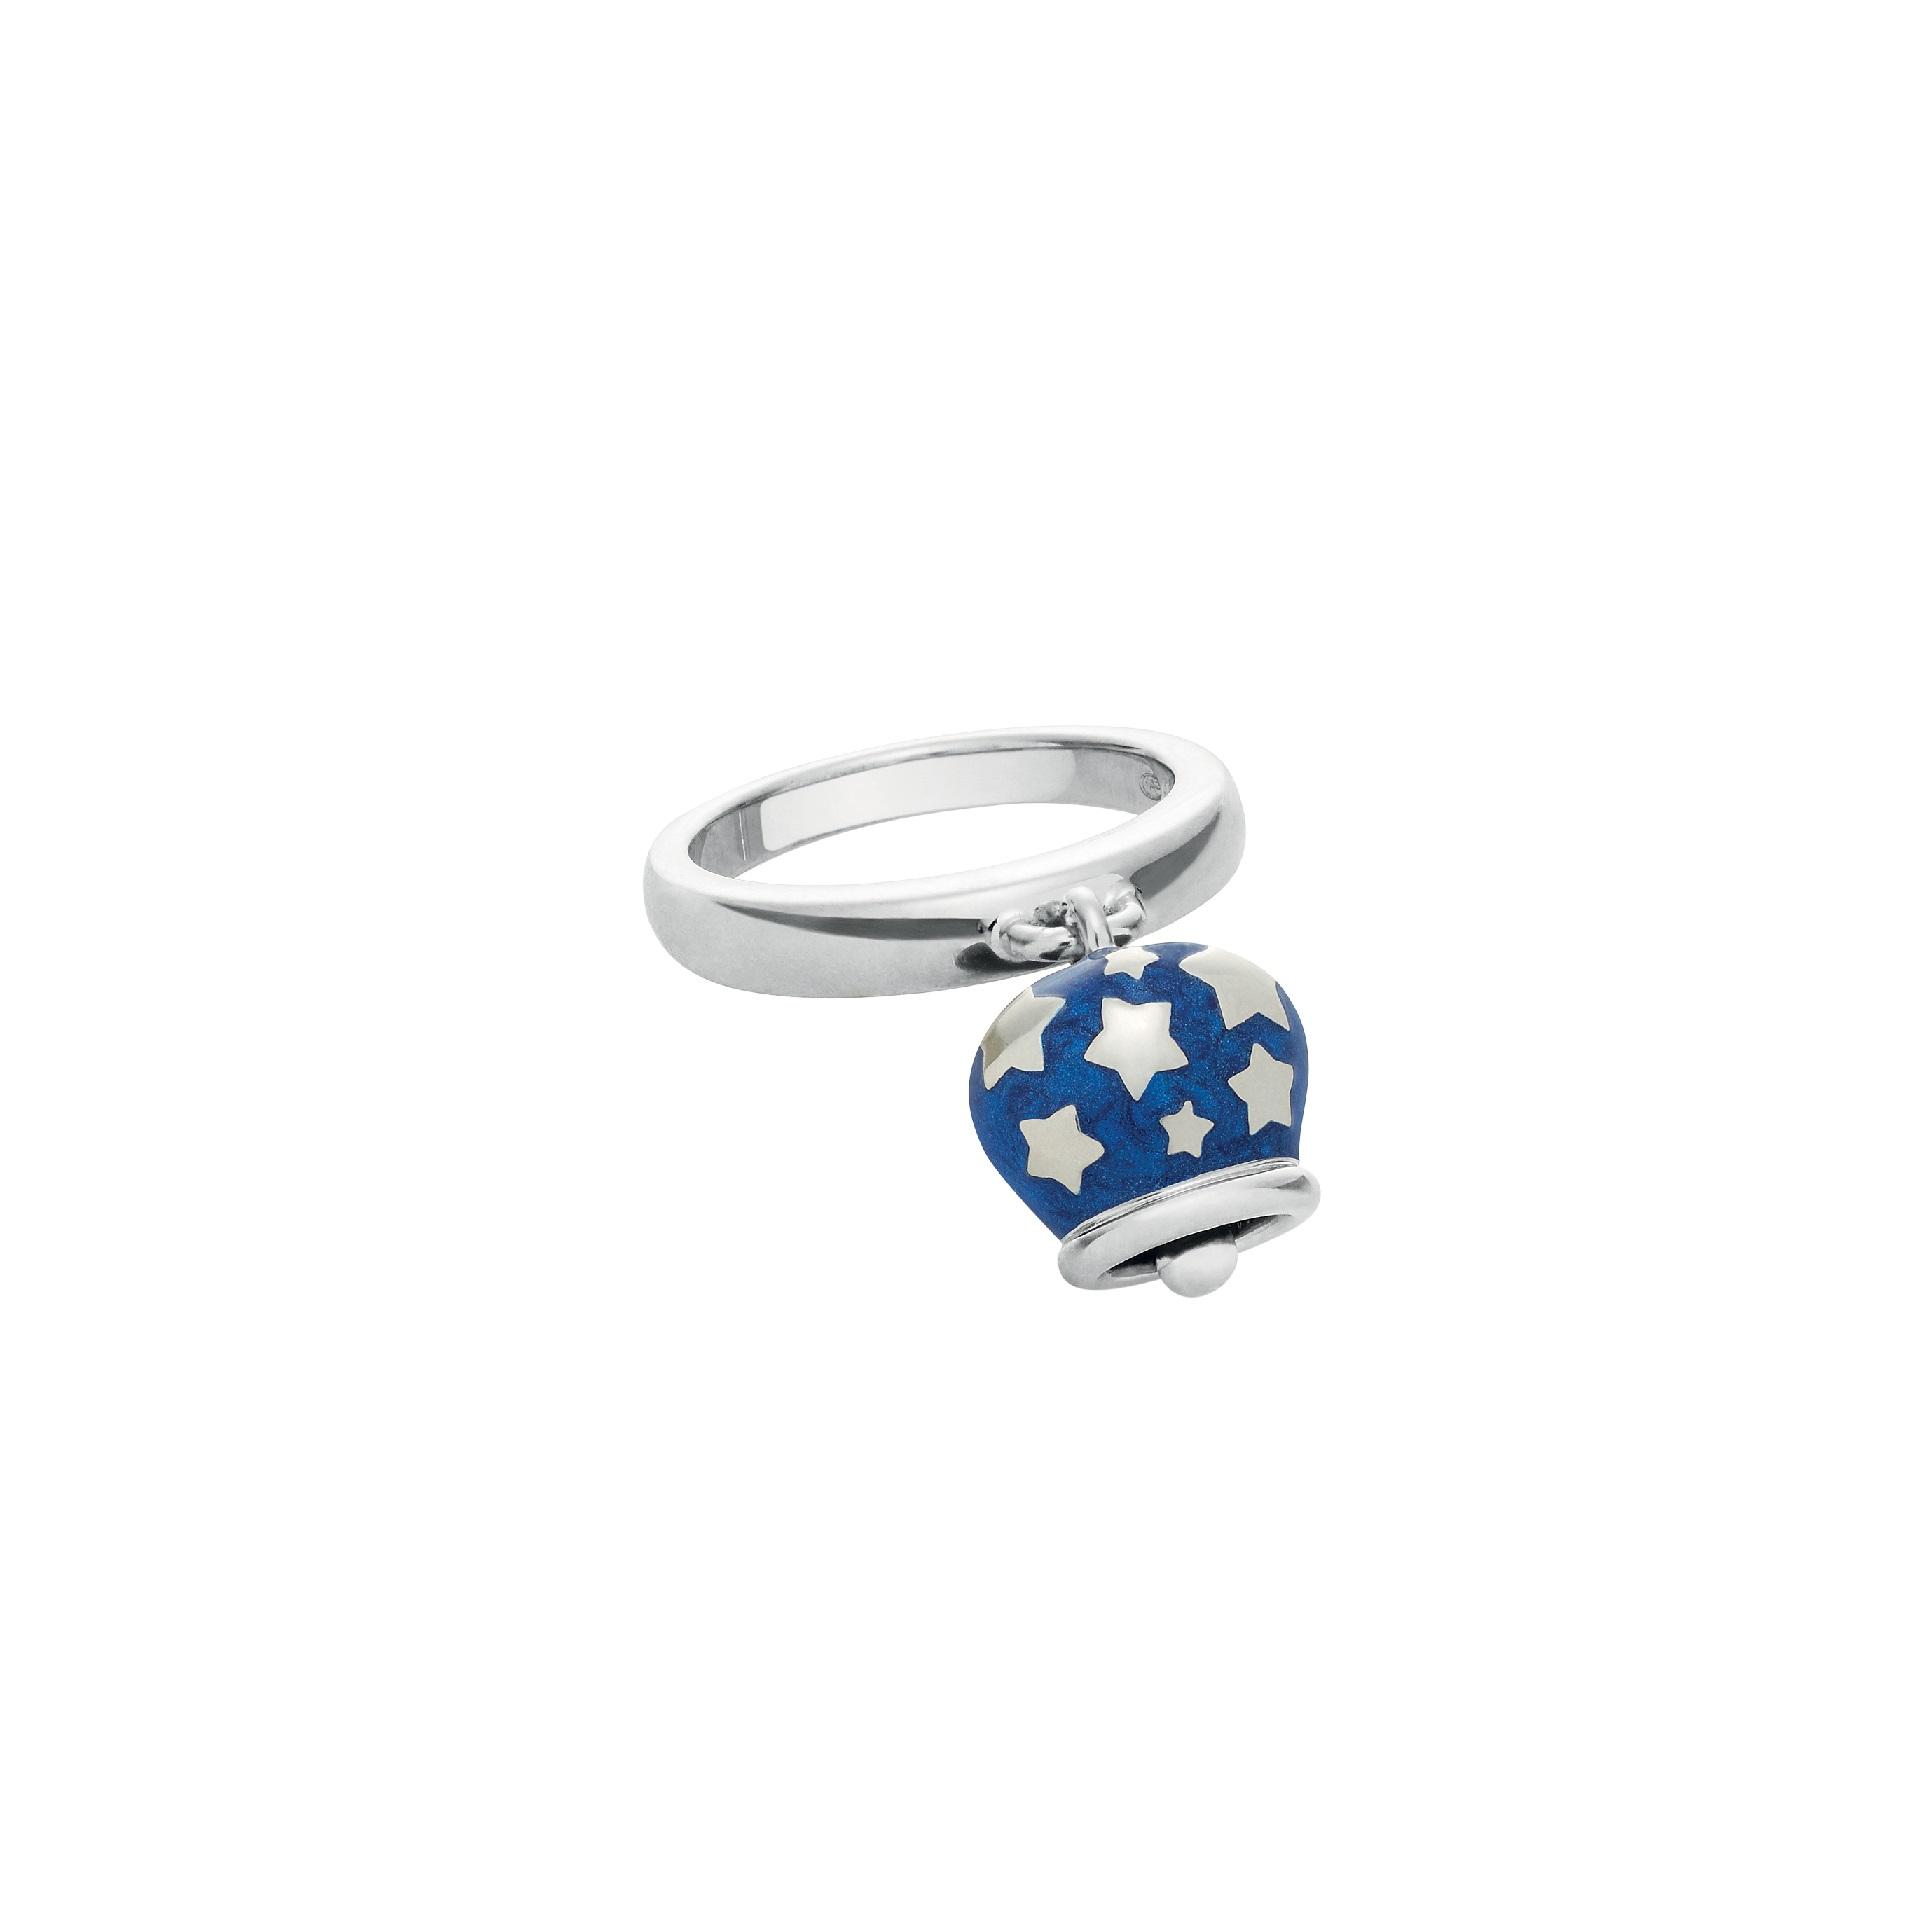 Chantecler Et voilà Ring aus Silber und blauem Emaille